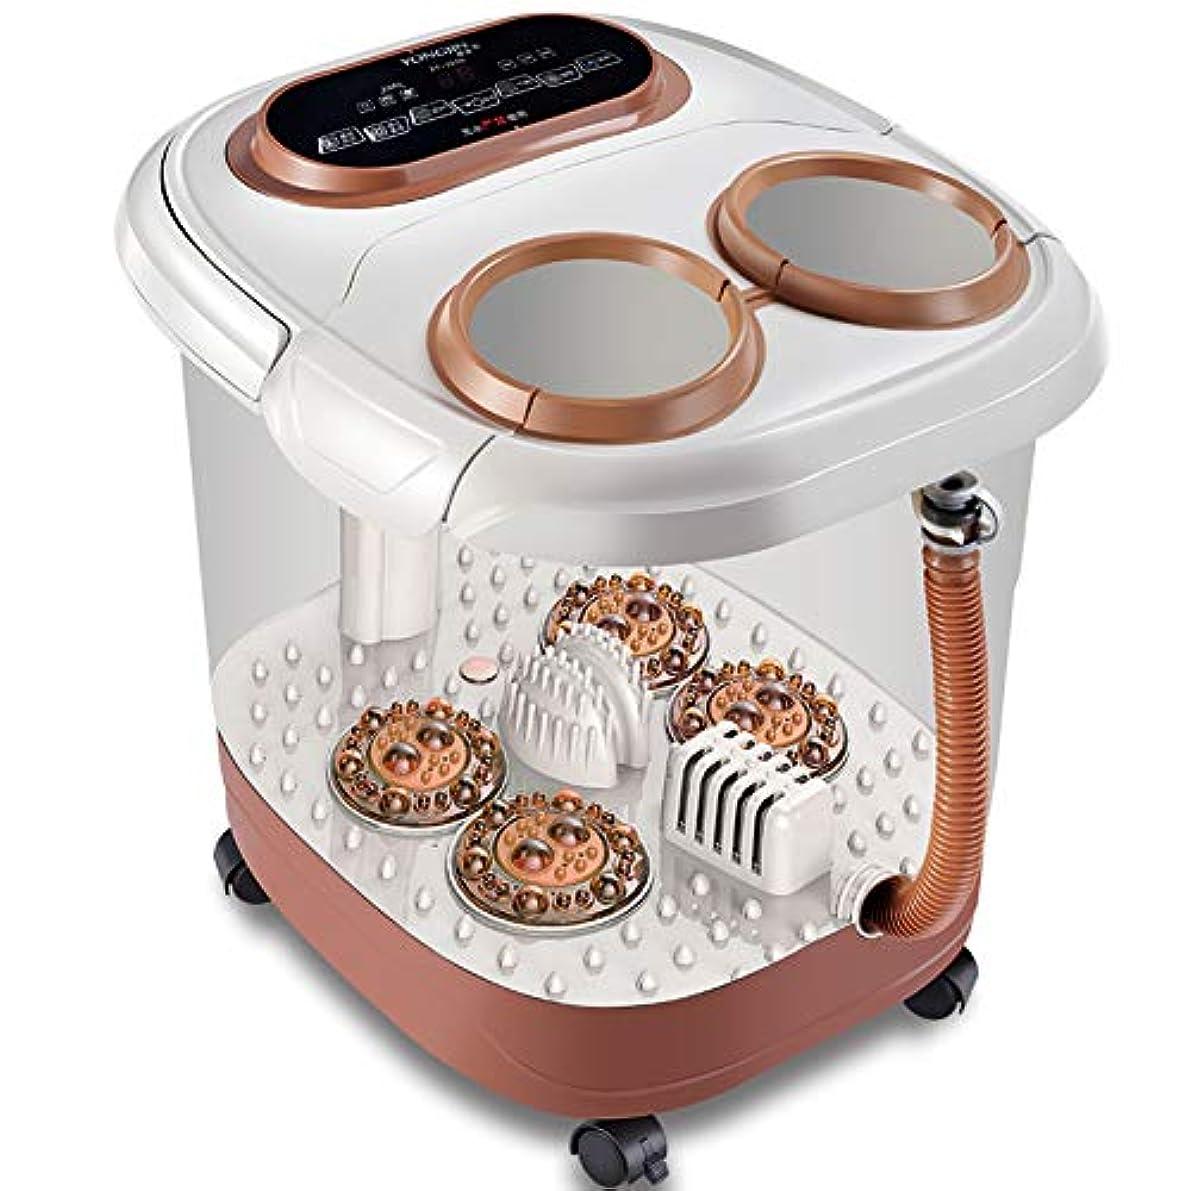 化学薬品一元化するヒゲ家計 自動 フットバス,足湯 ハンドル付き,サーモスタット オールインワン 熱泡振動 3 の 1 機能-a 45x45x38cm(18x18x15inch)